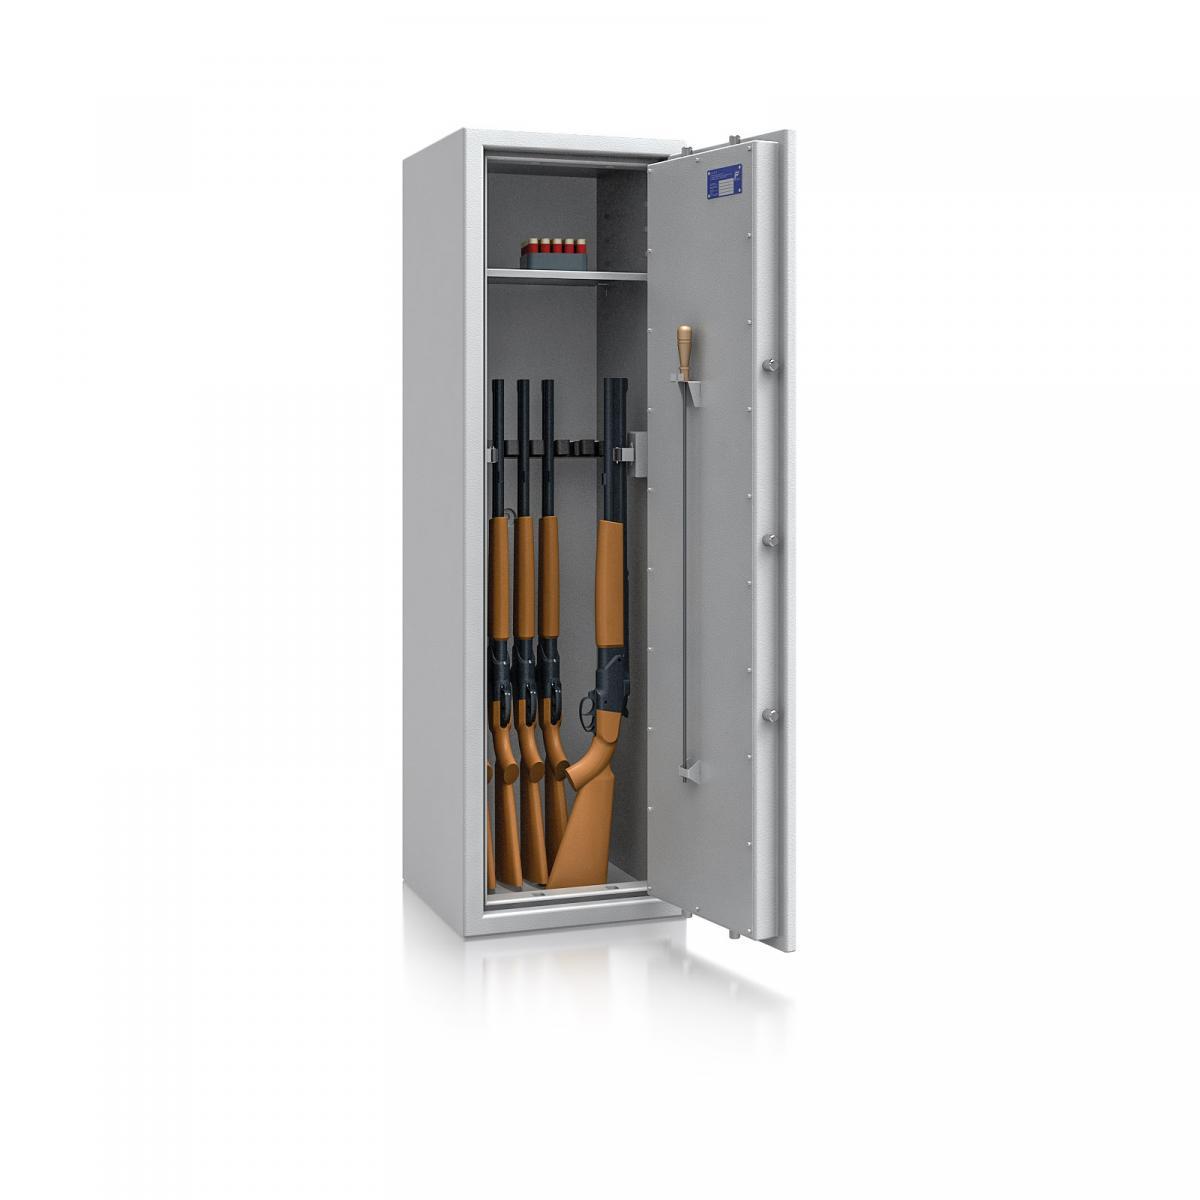 Waffenschrank St. Gallen WF NEW 5 - 1500x450x450 / 170kg 56474 / Klasse I / RAL7035 / Schlüssel / DIN R